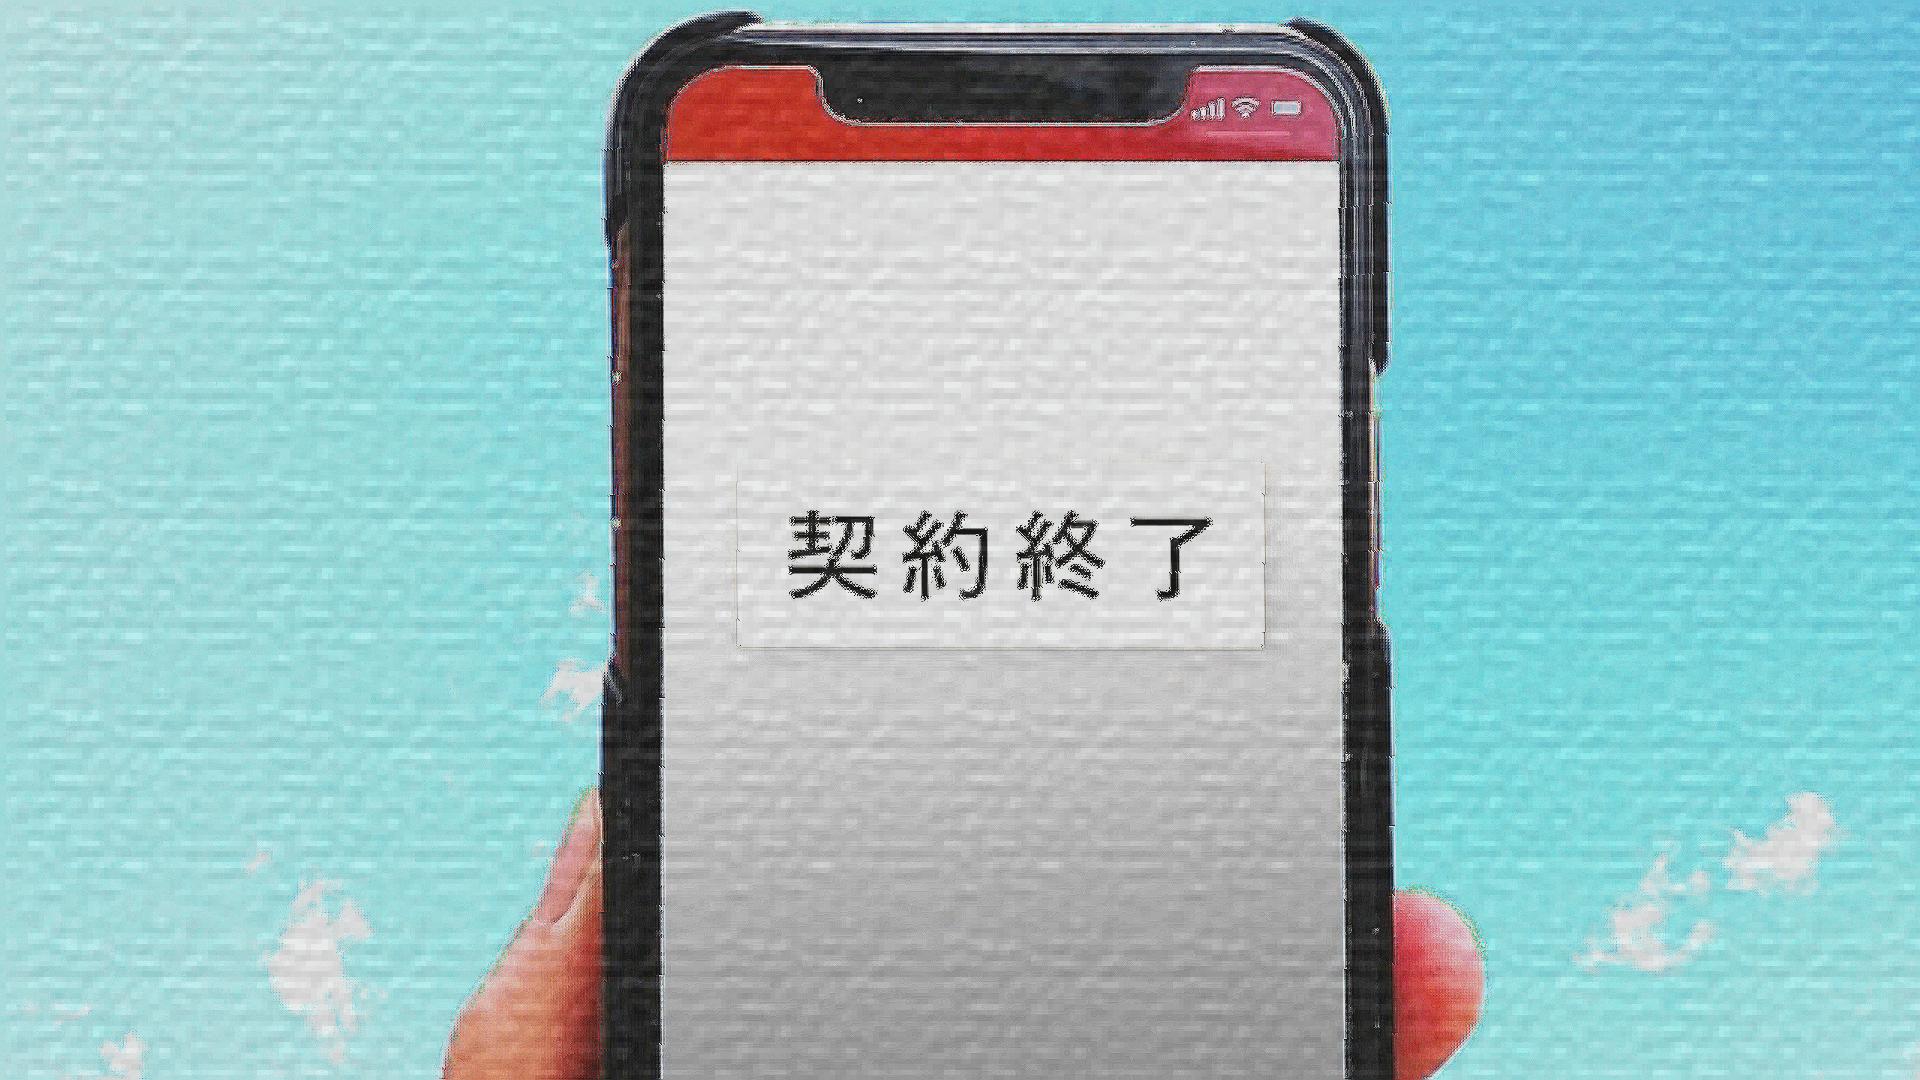 モバイル 解約 方法 uq